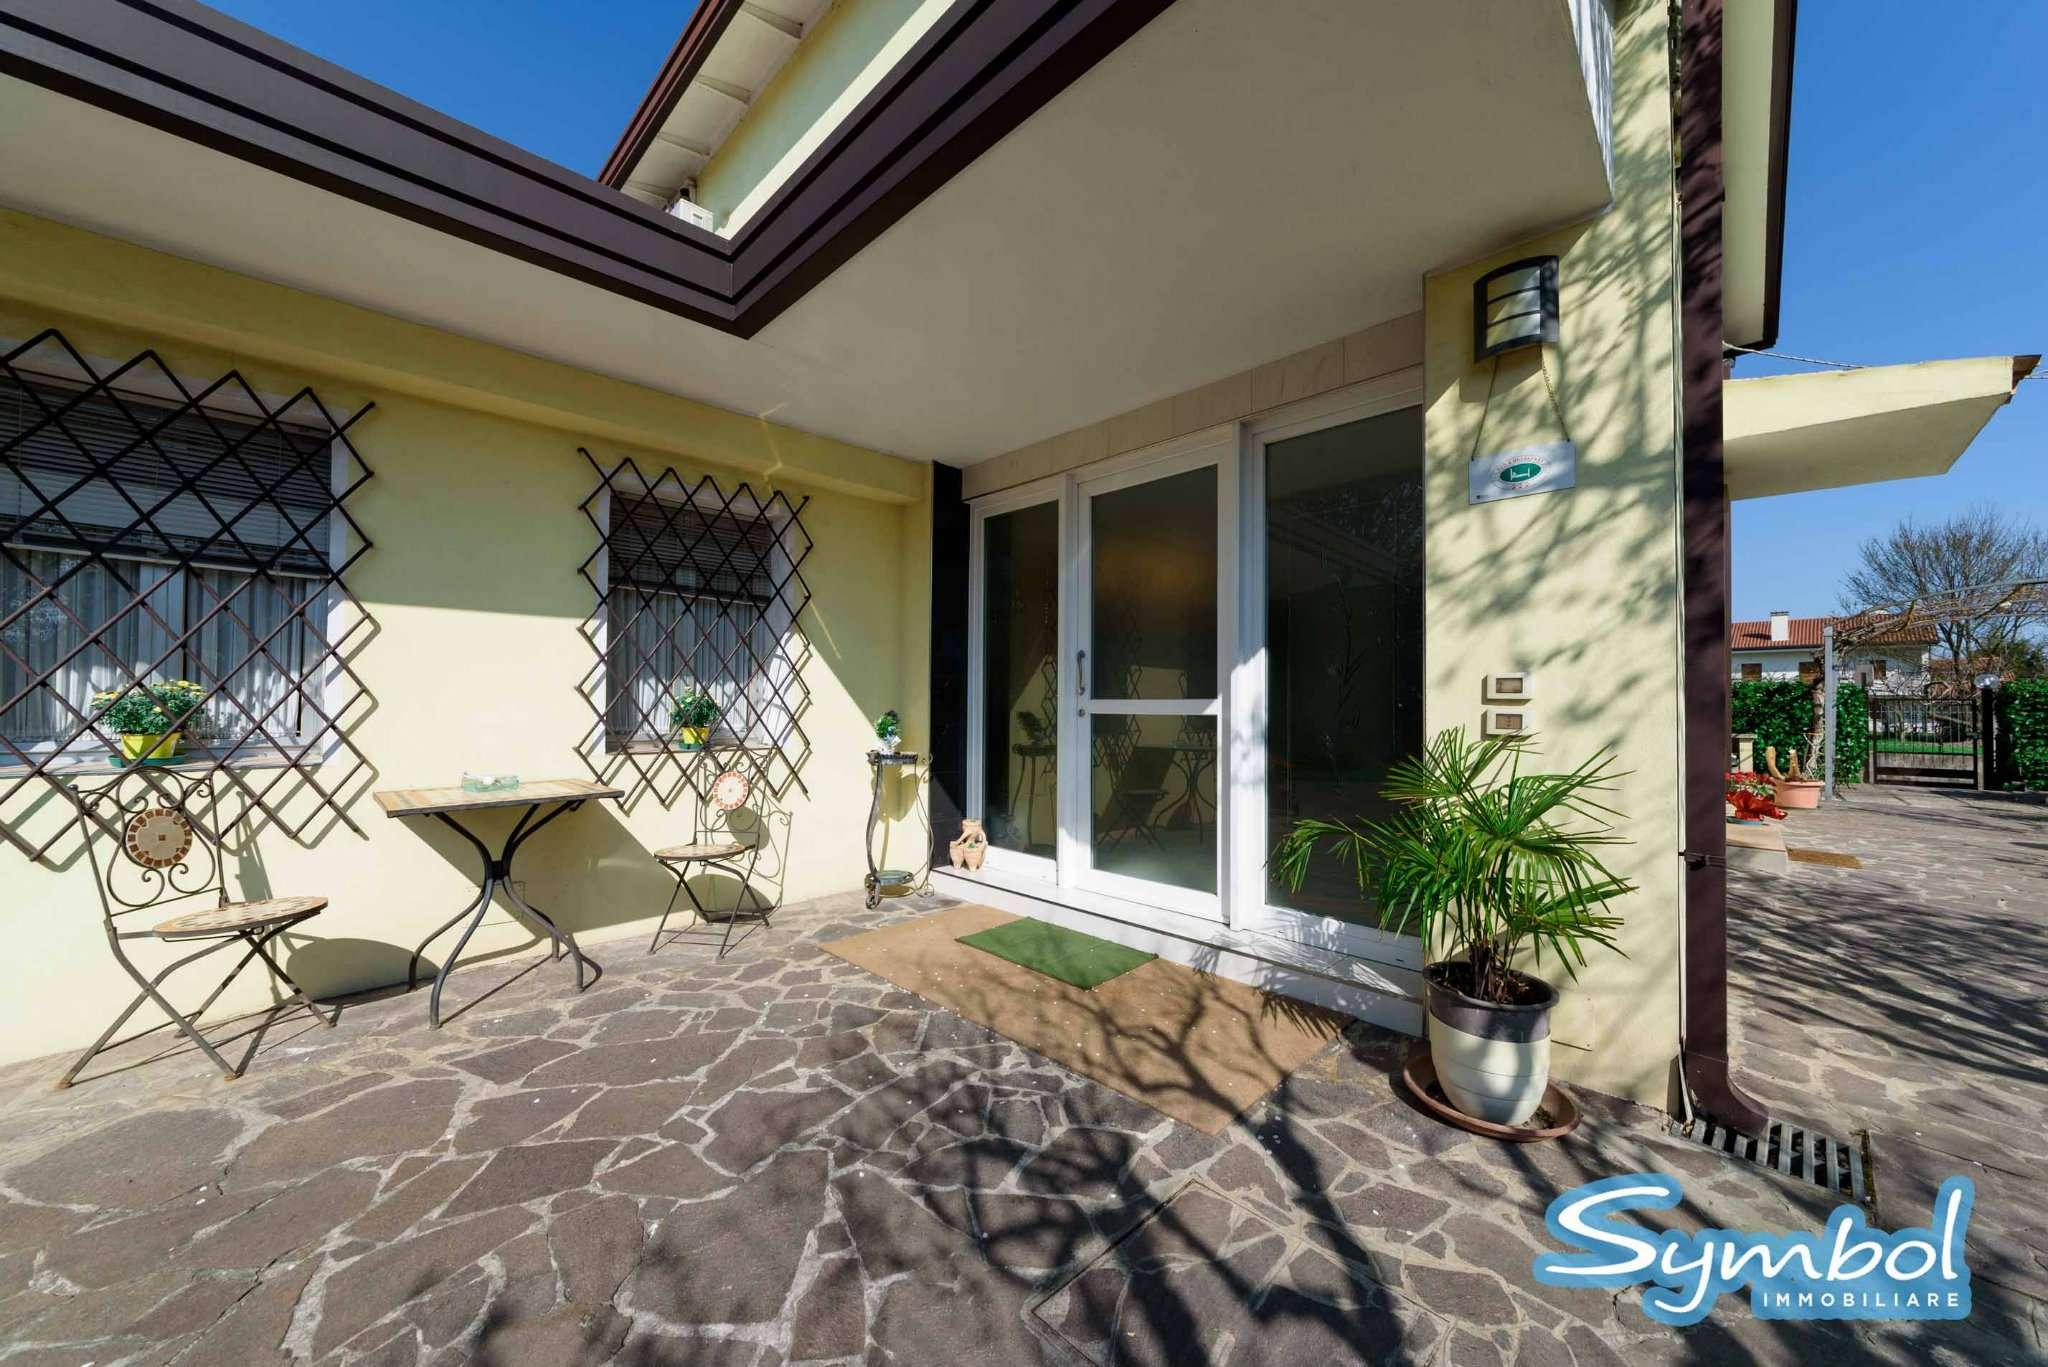 Soluzione Indipendente in vendita a Martellago, 9999 locali, prezzo € 550.000 | Cambio Casa.it